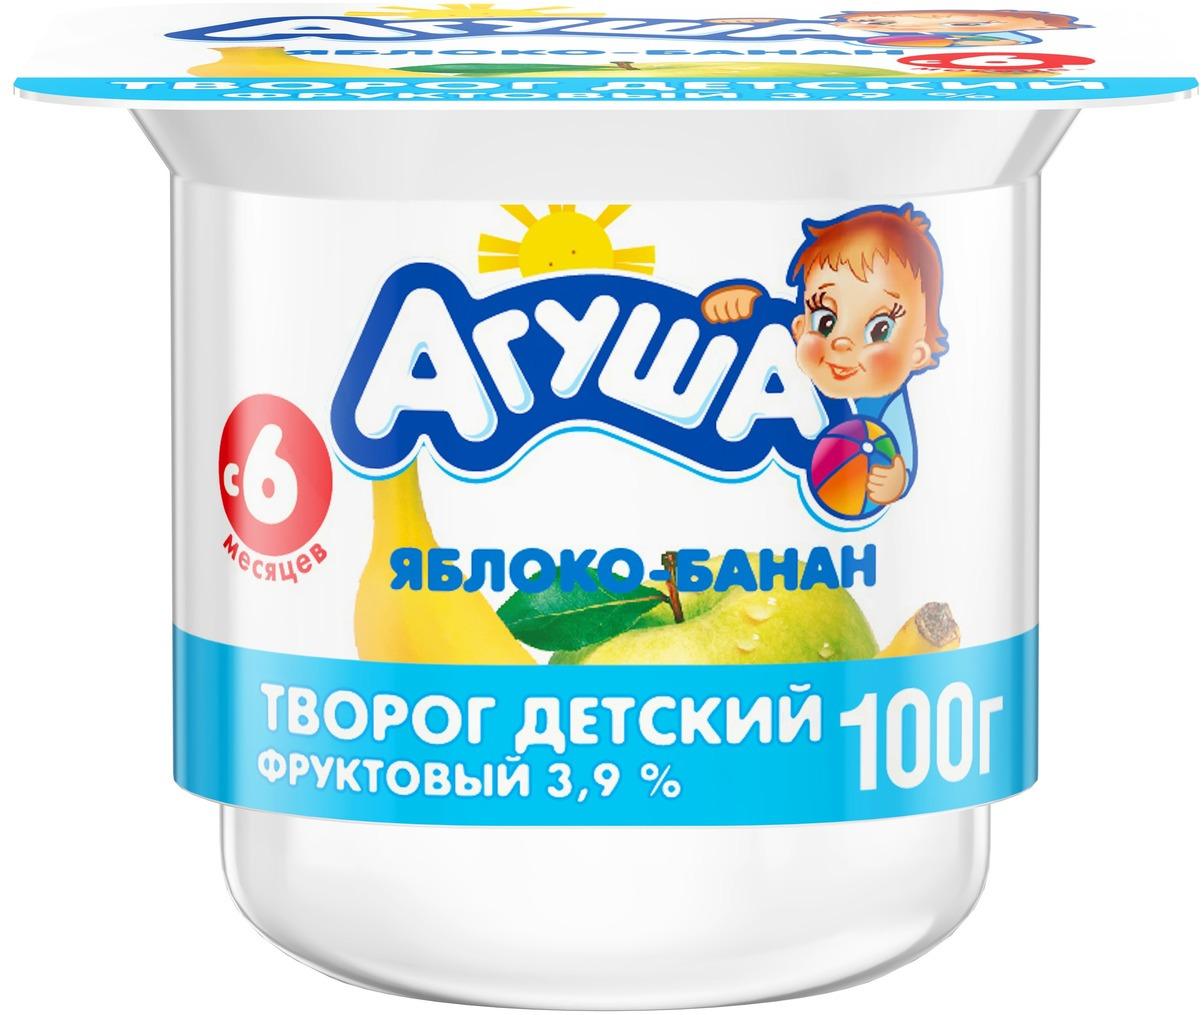 Творог фруктовый 3,9% с 6 месяцев Агуша Яблоко-Банан, 100 г